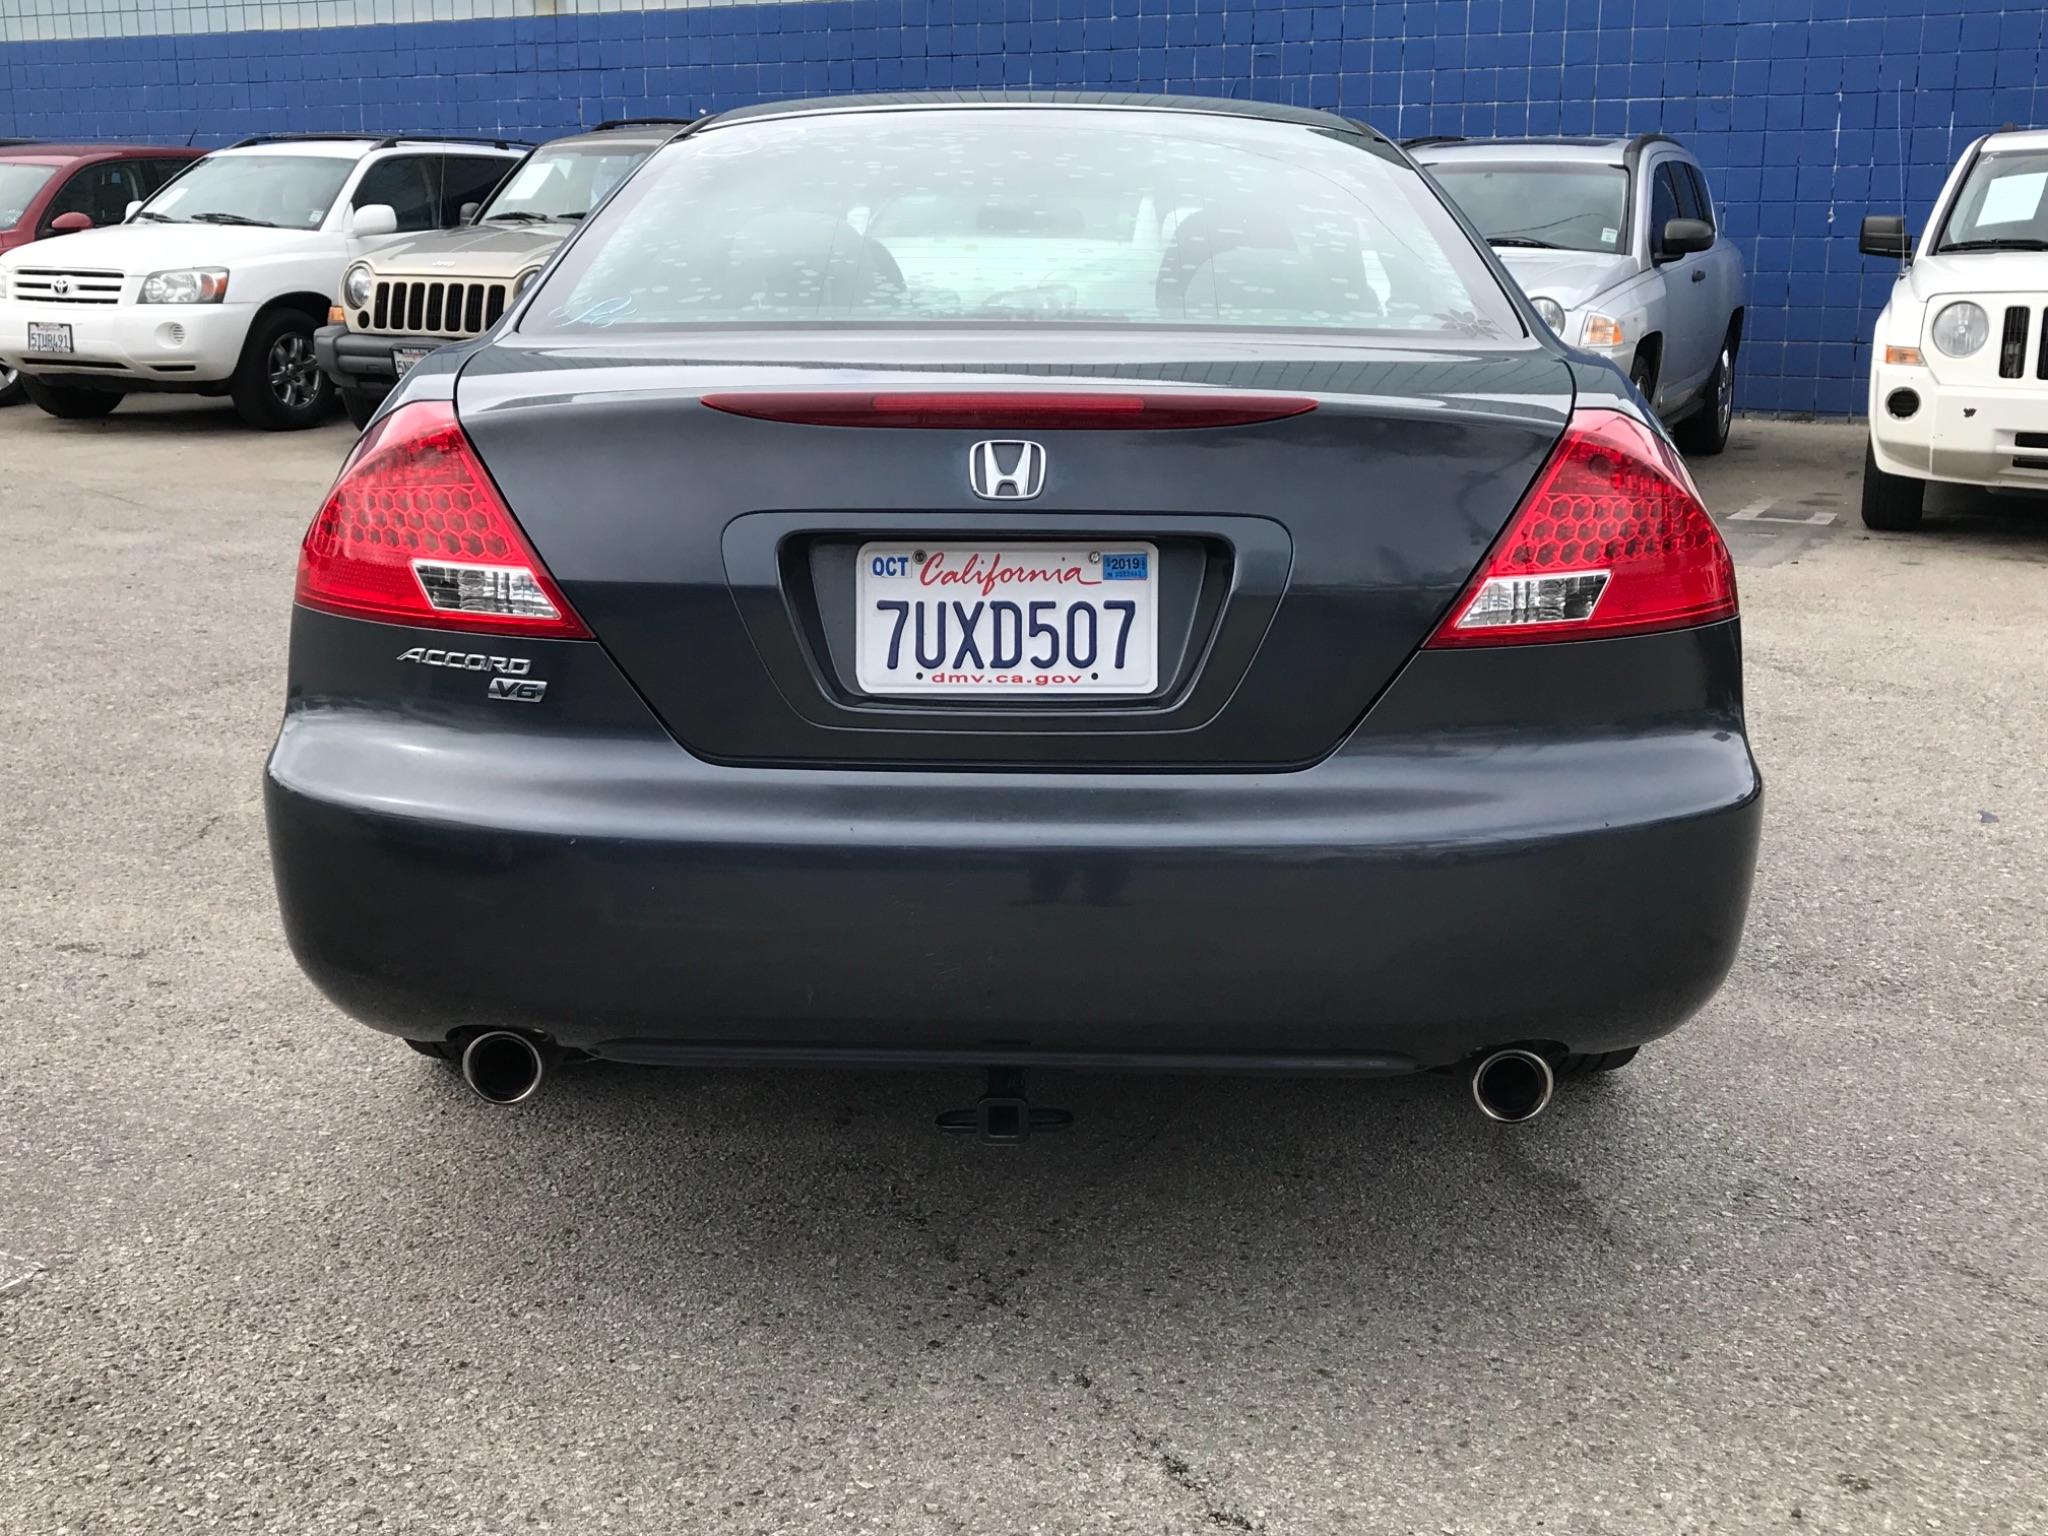 2006 Honda Accord LX V6